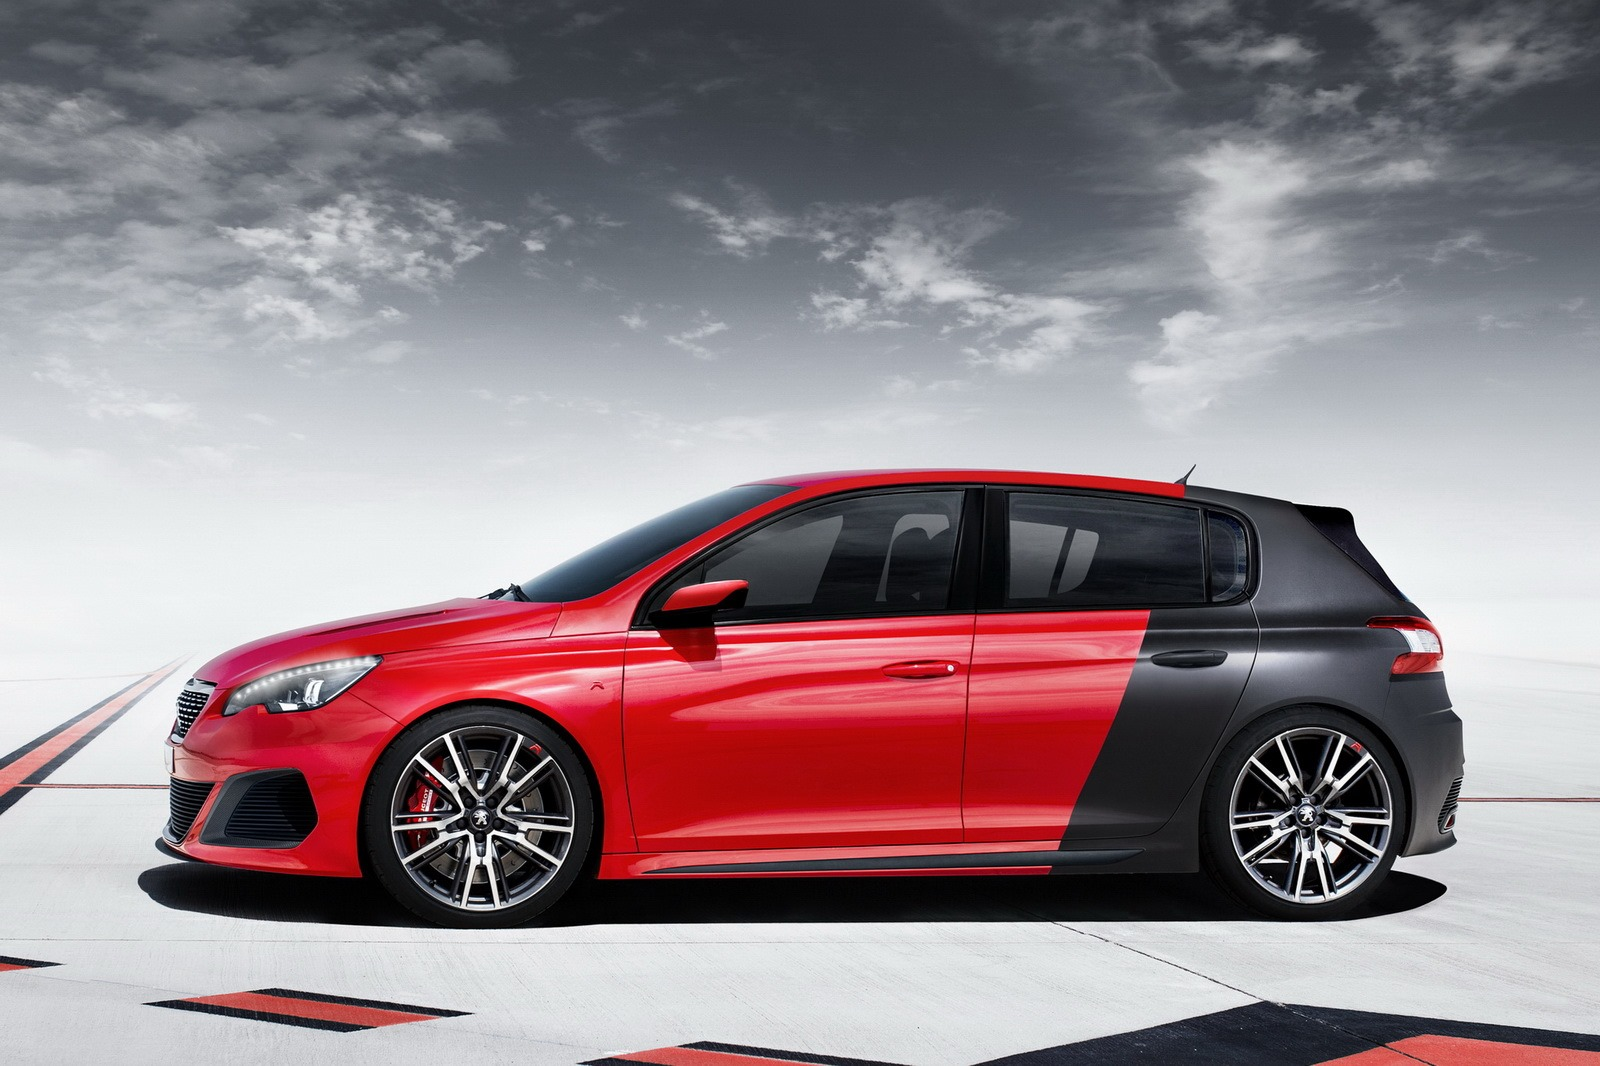 Peugeot-308-R-1%25255B2%25255D.jpg